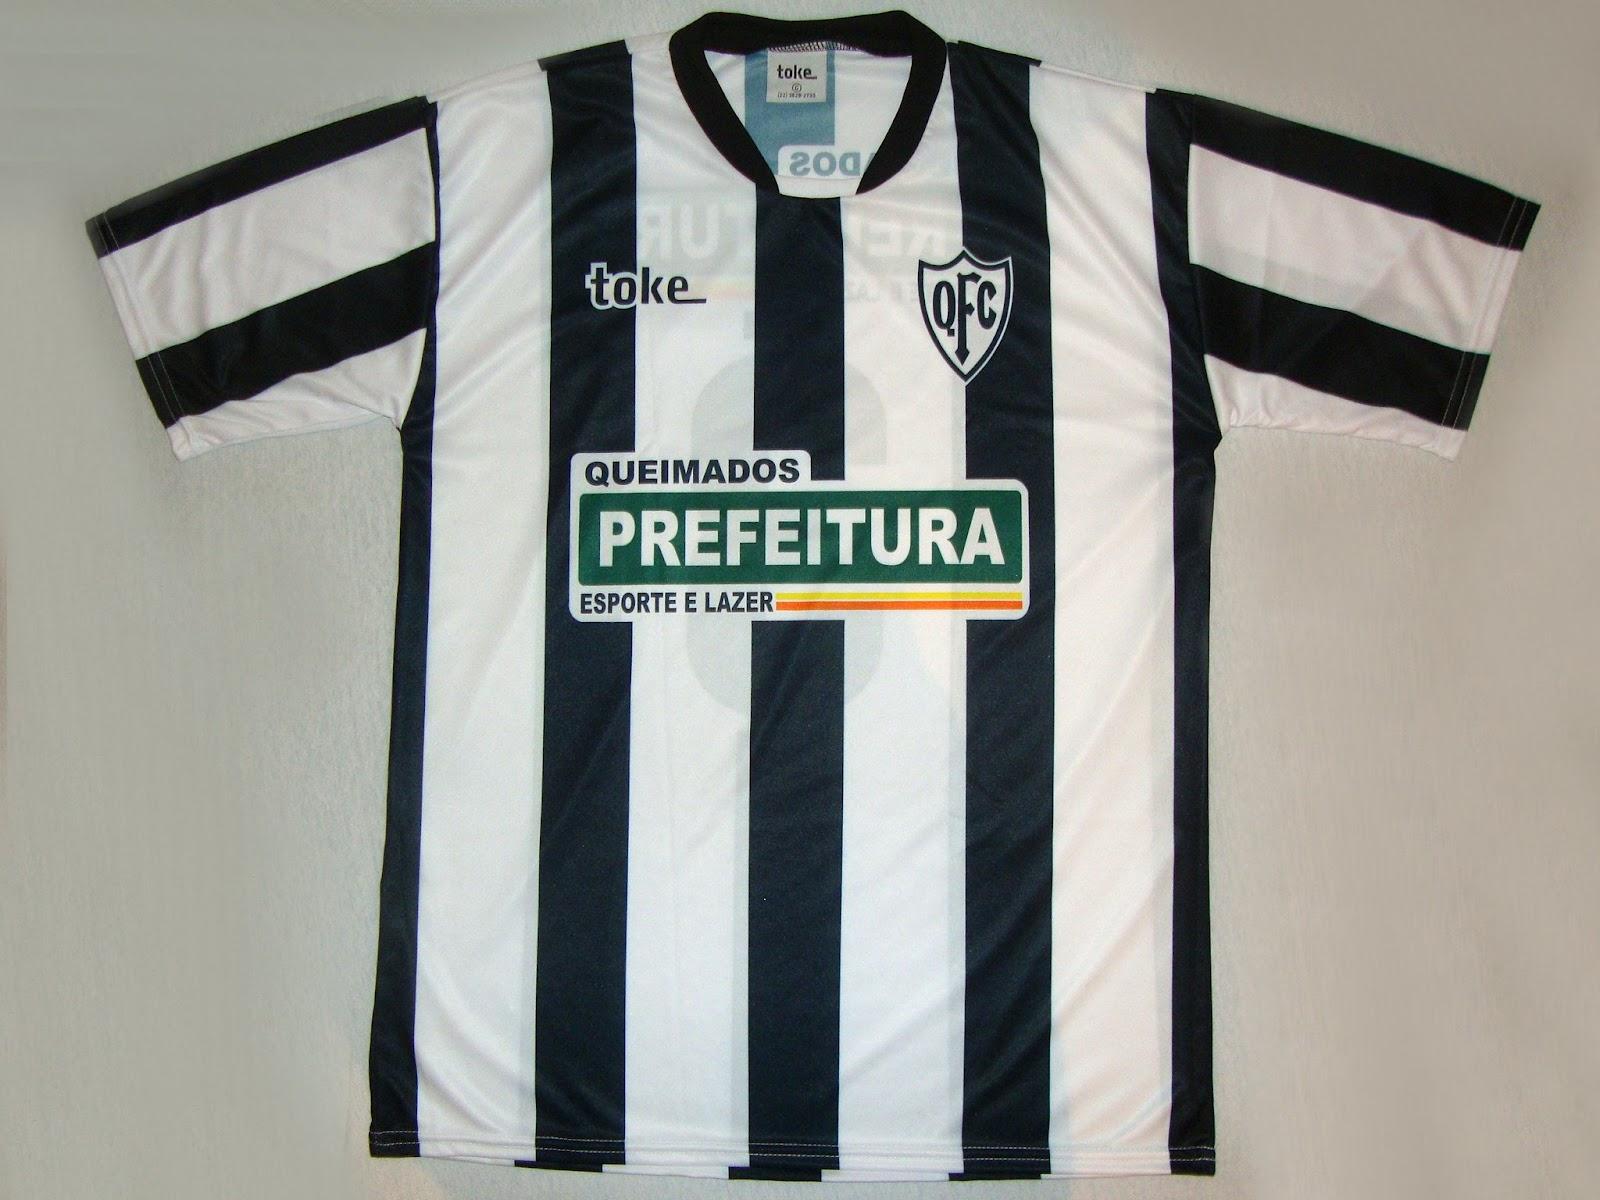 fd6f2bbf41 Queimados Futebol Clube (RJ) - Show de Camisas